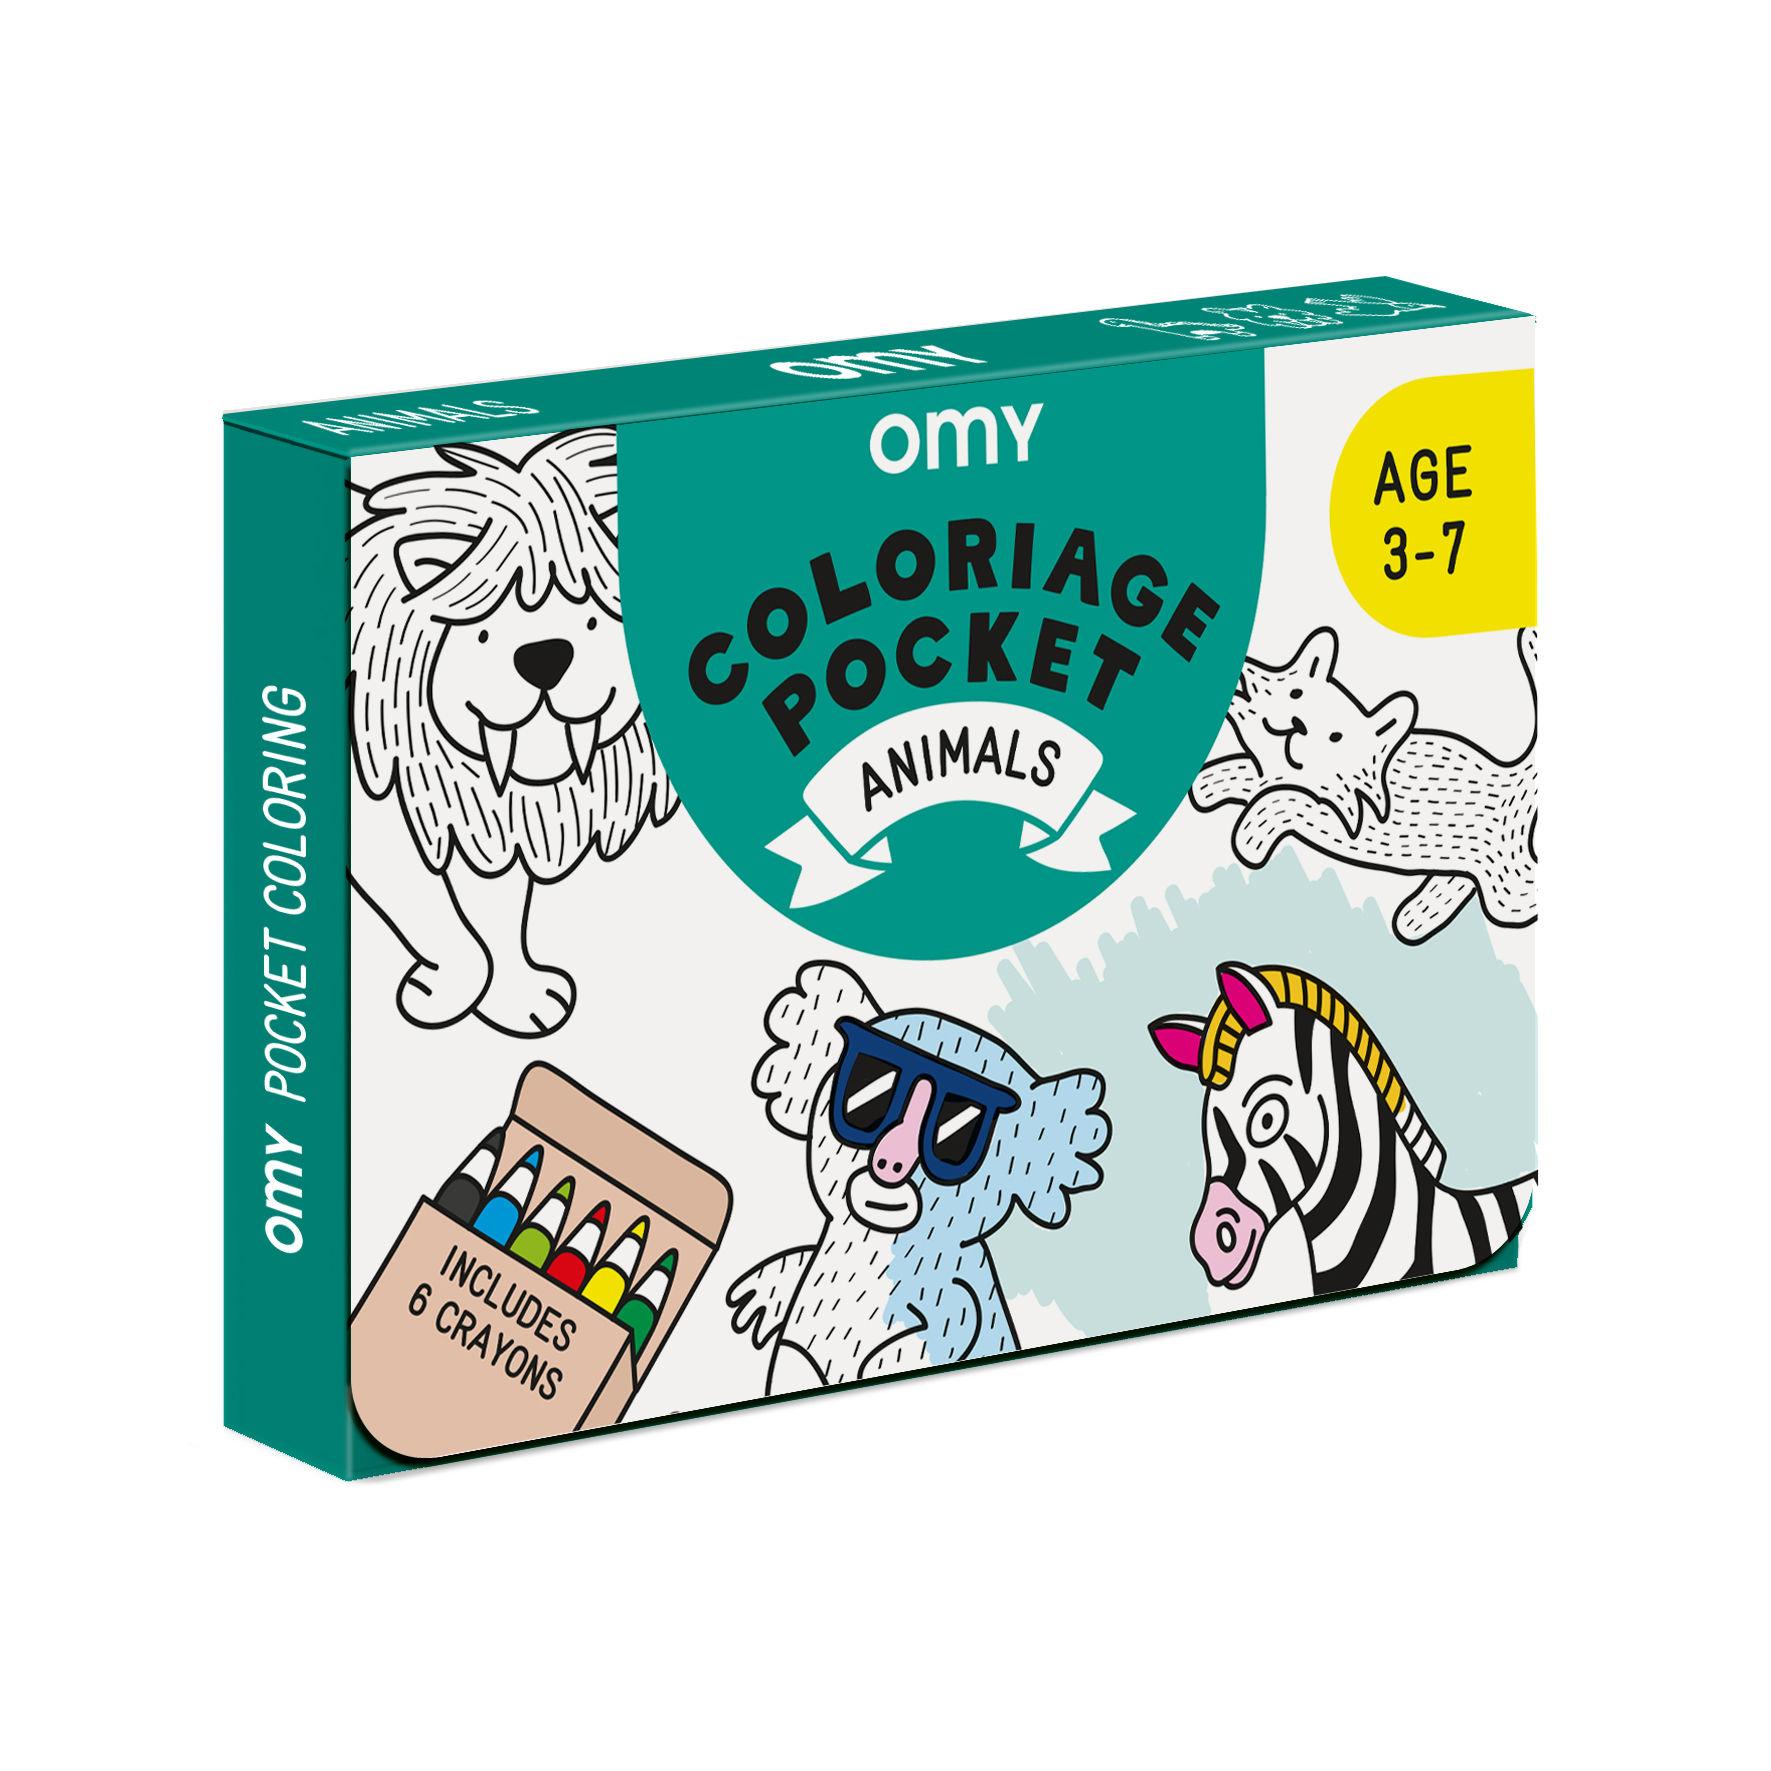 Déco - Pour les enfants - Poster à colorier Coloriage Pocket - Animaux / 52 x 38 cm - OMY Design & Play - Animaux - Papier